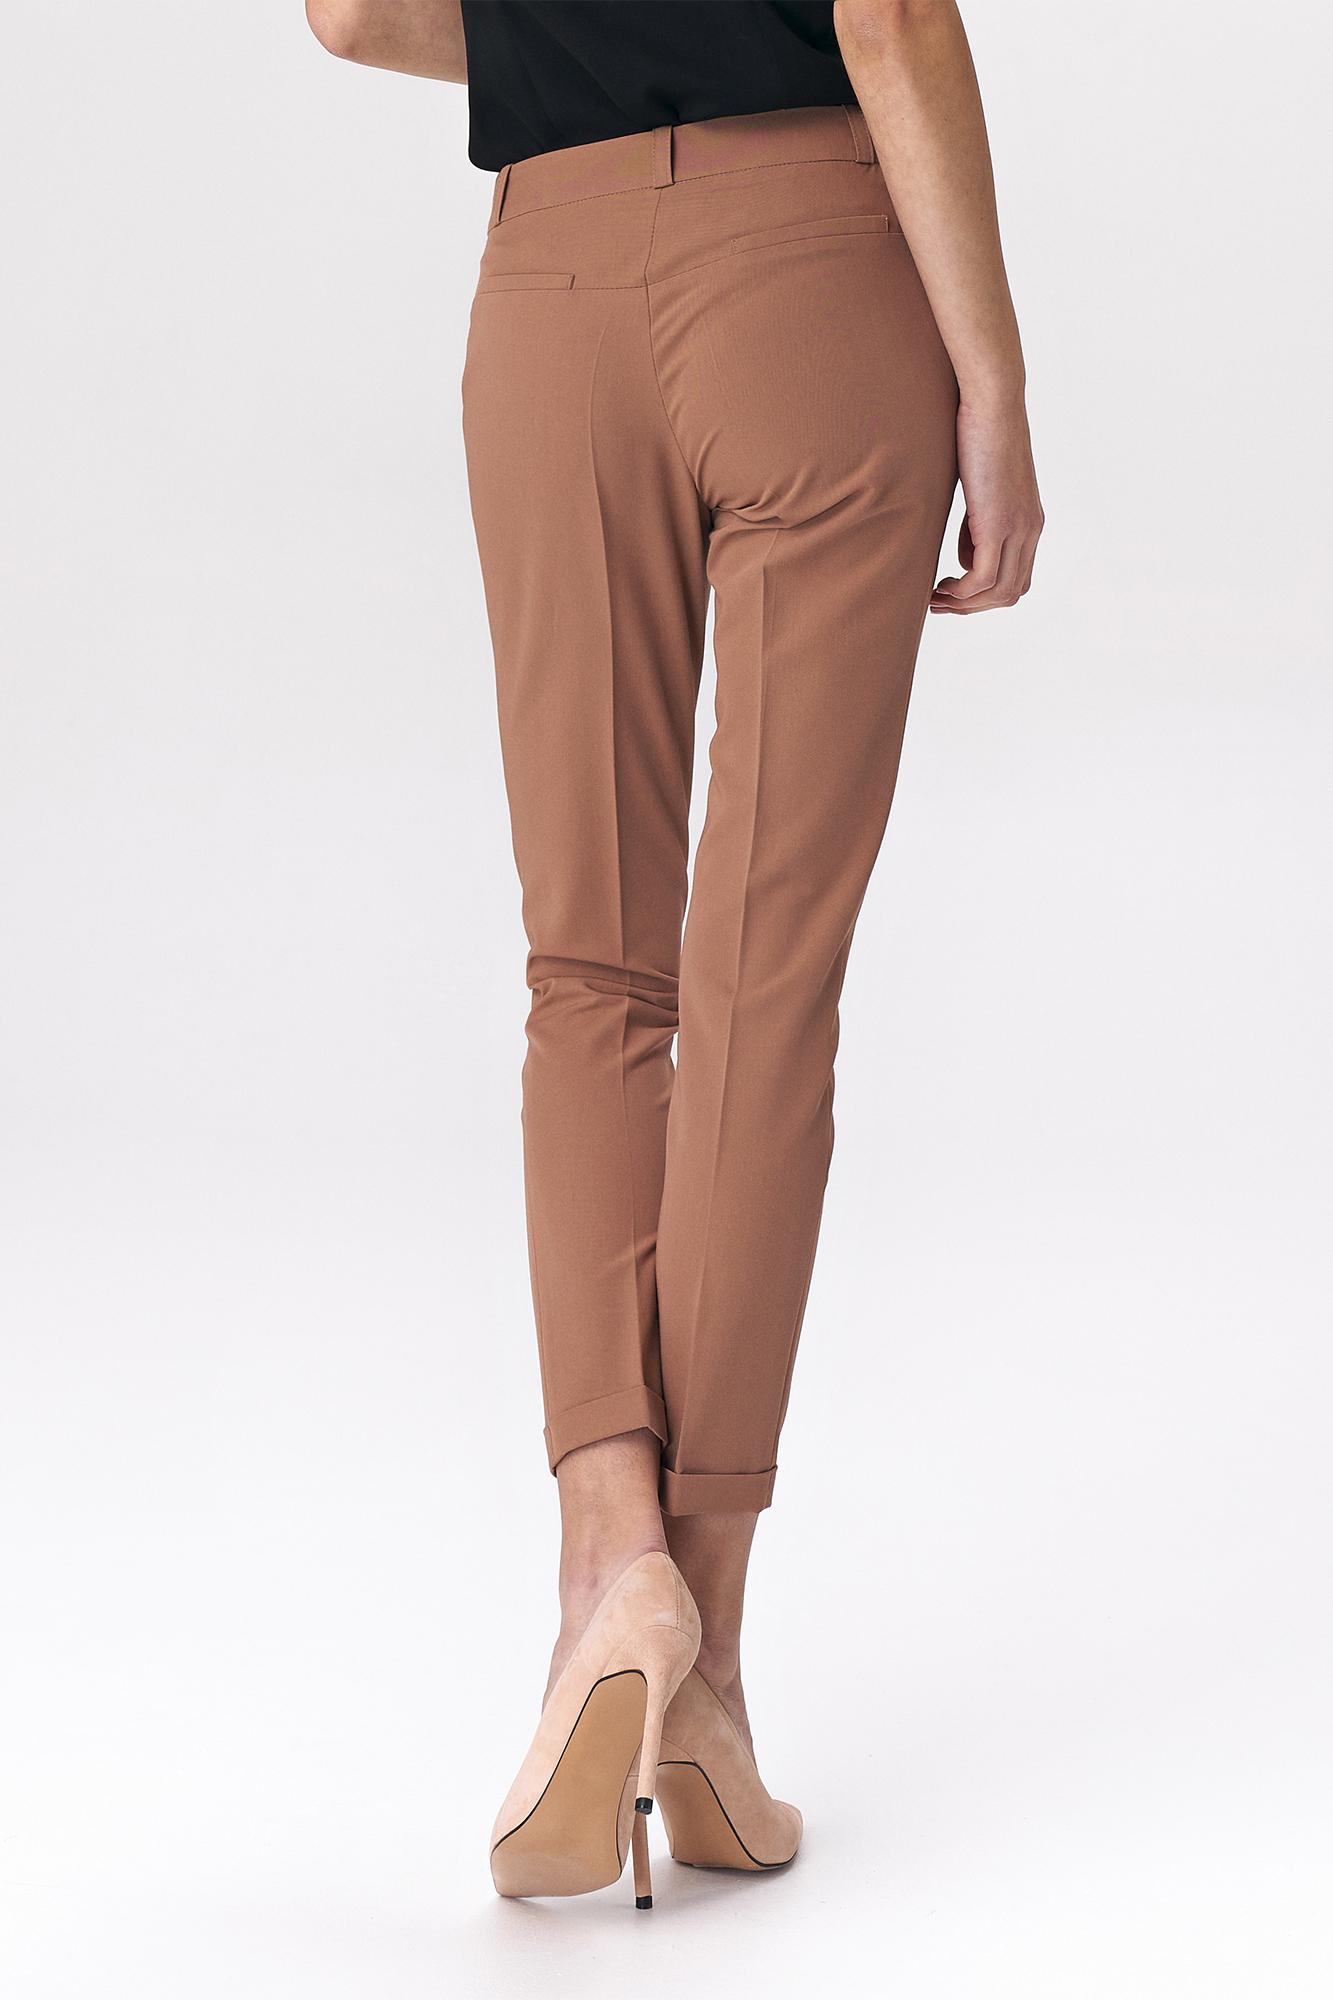 Nife - Karmelowe spodnie zapinane na napy 4